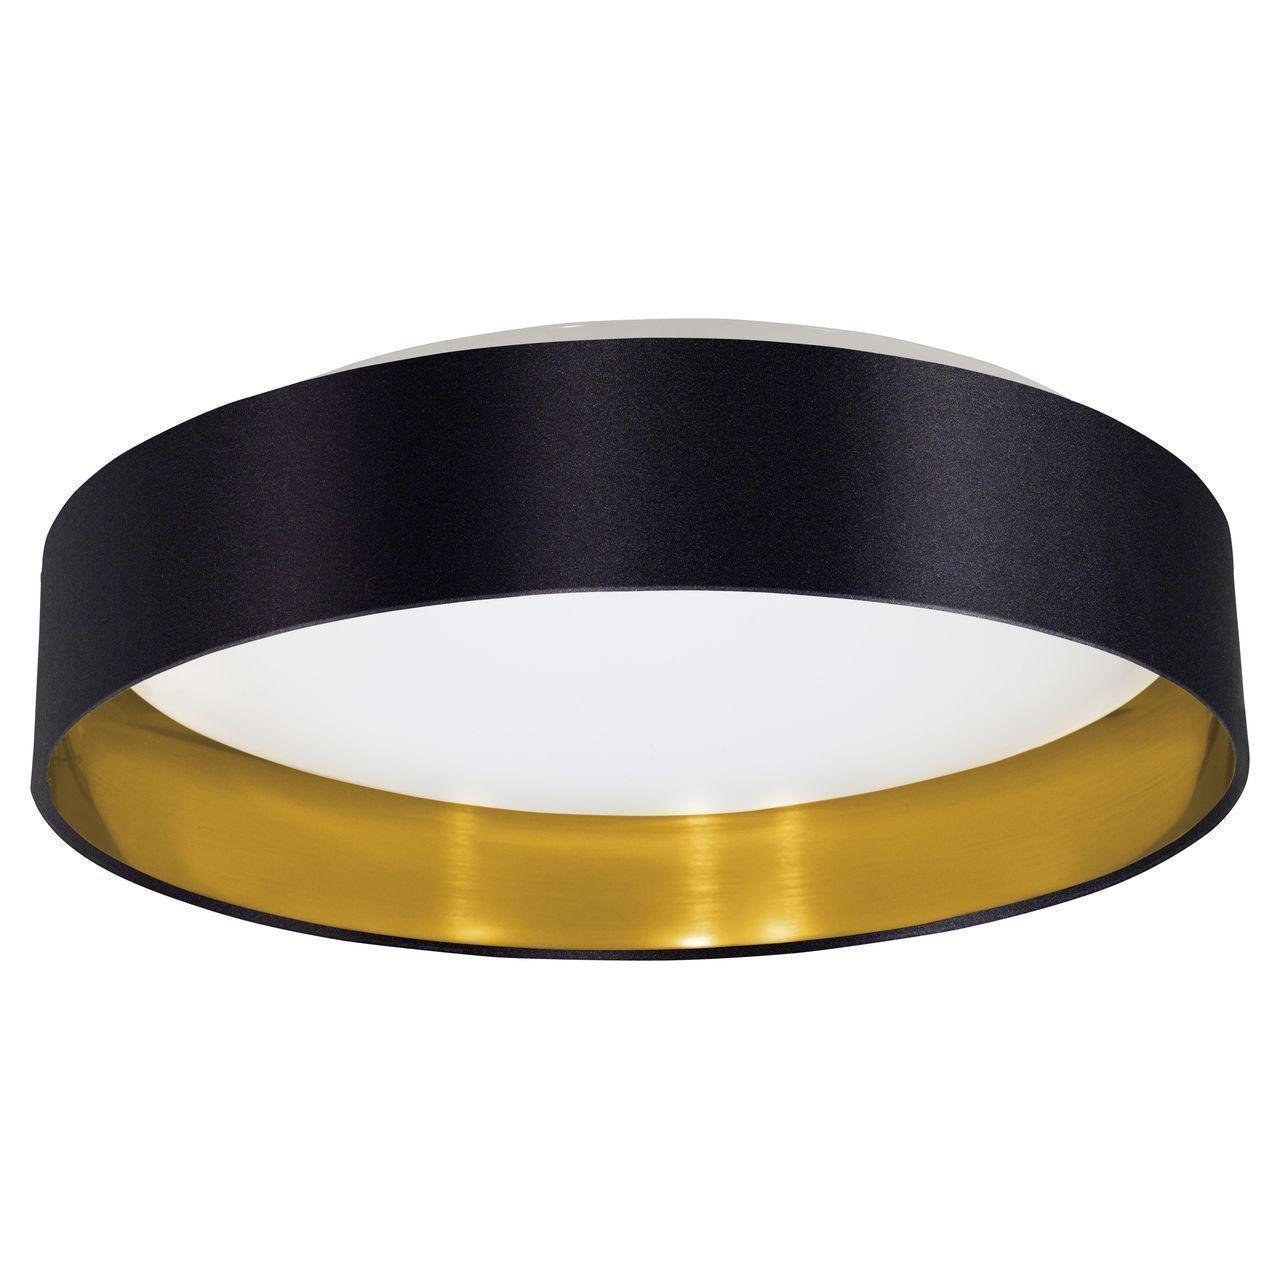 Потолочный светильник Eglo Maserlo 31622 потолочный светильник eglo maserlo 31622